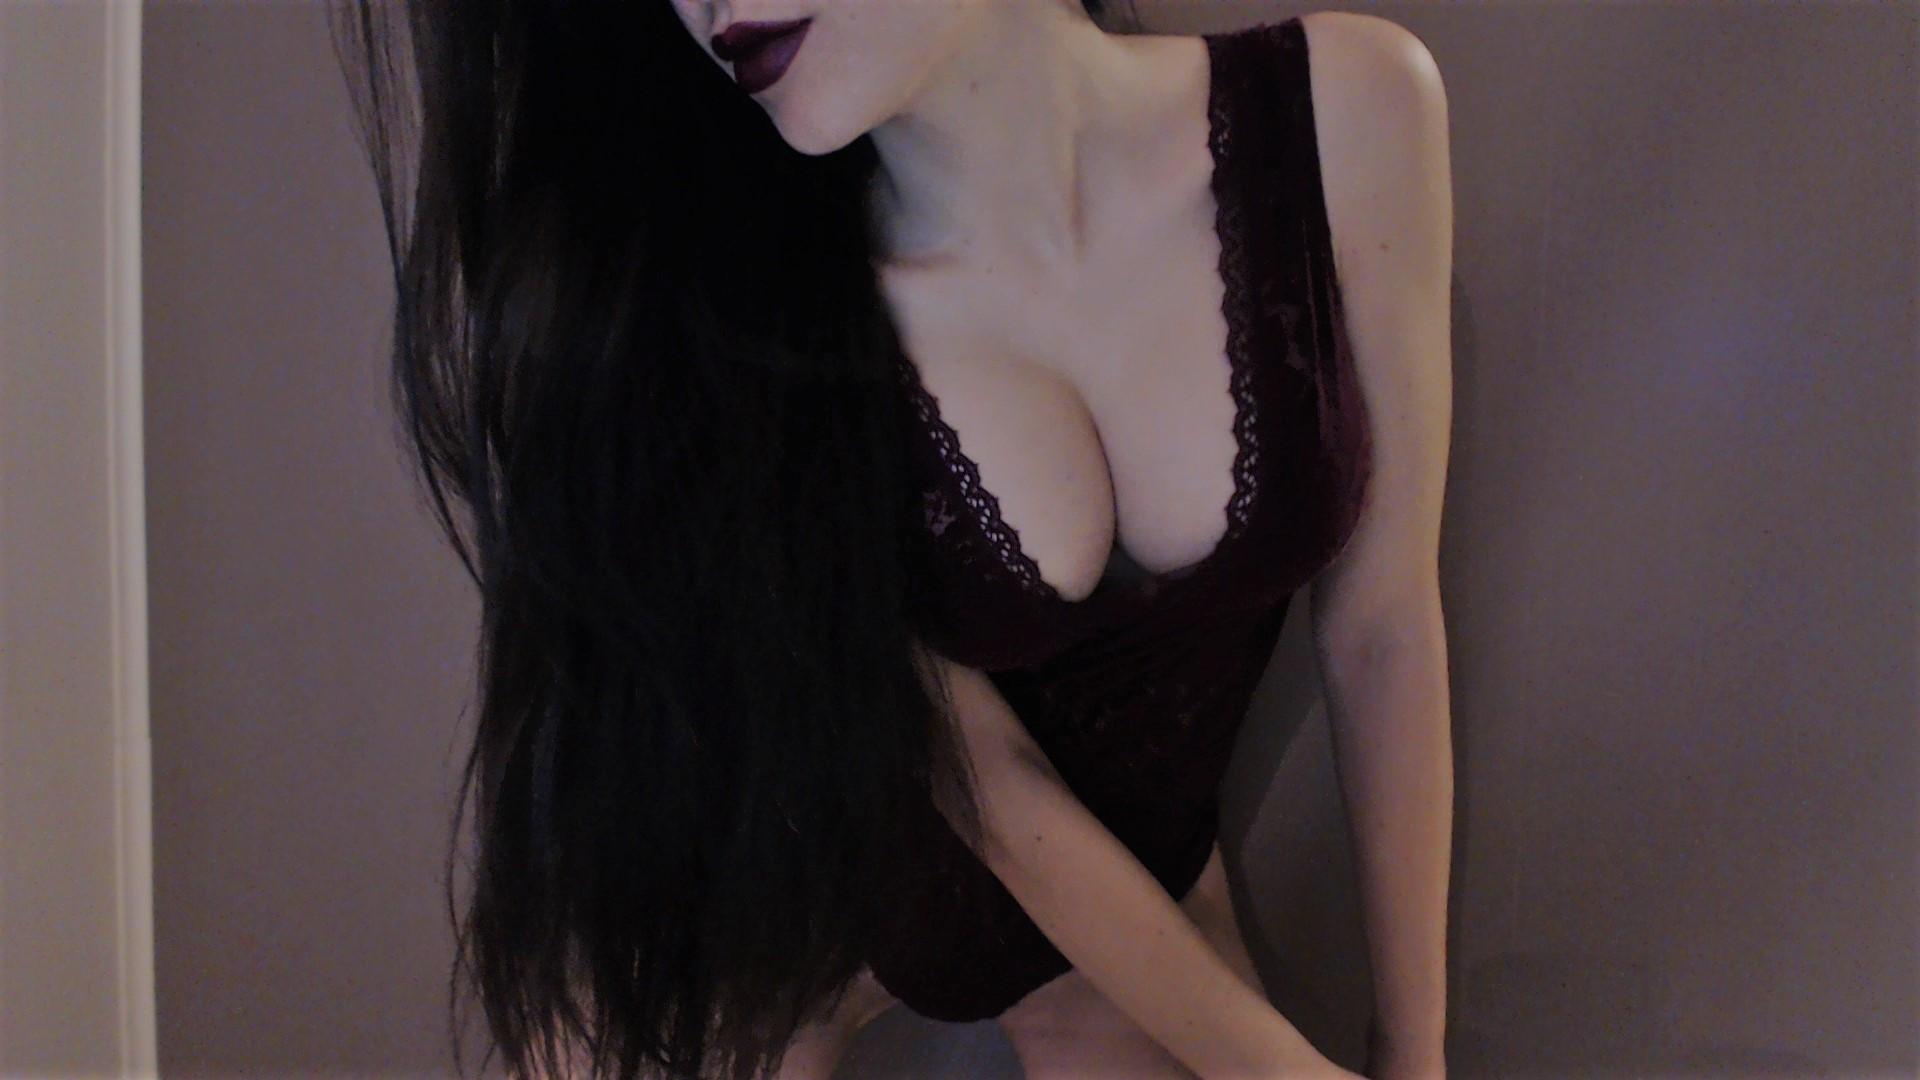 BabyD0ll - Japanese webcam girl